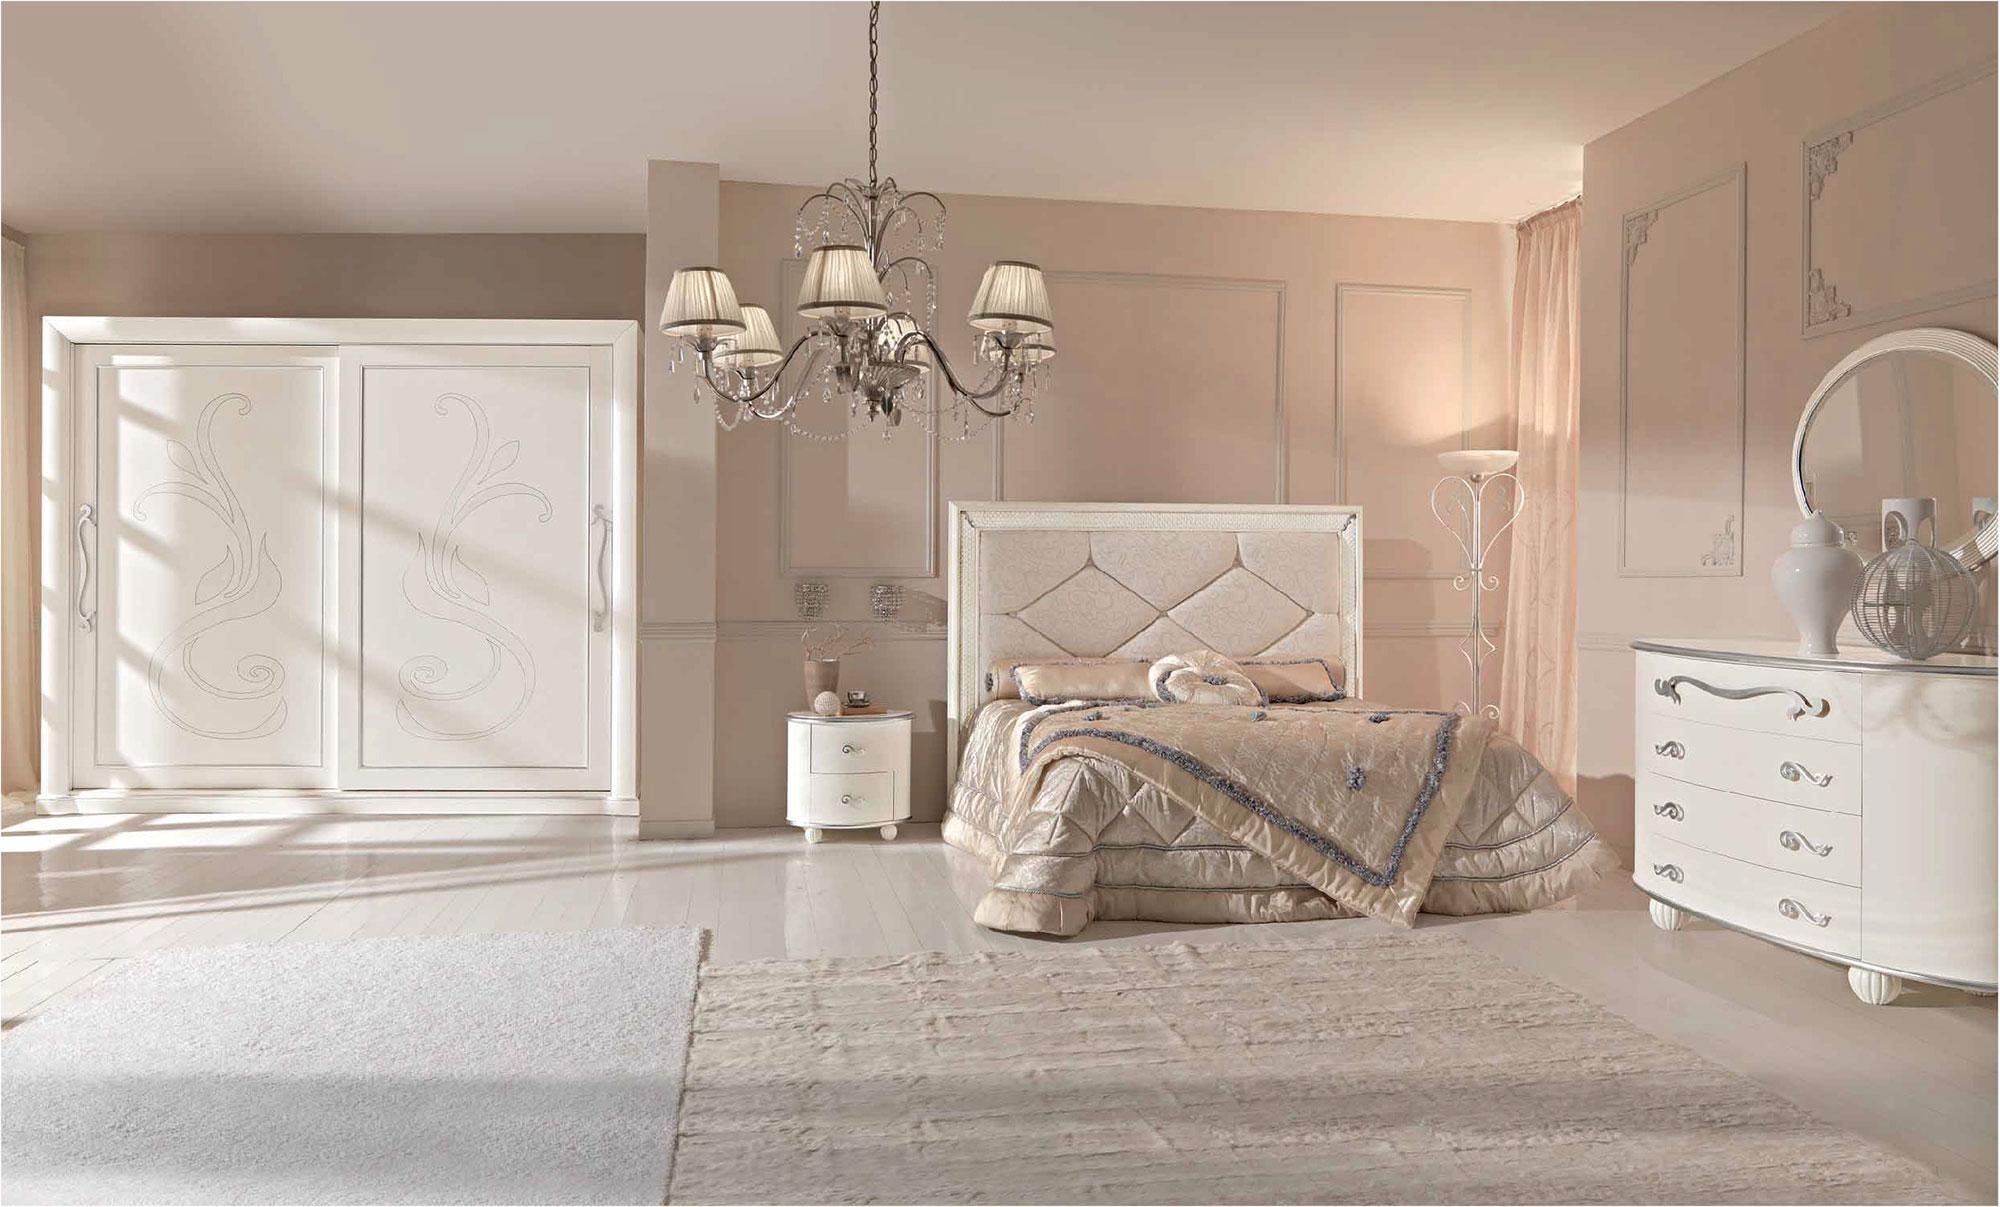 Arredamenti camere da letto vicenza casa soave - Arredamenti camere da letto ...